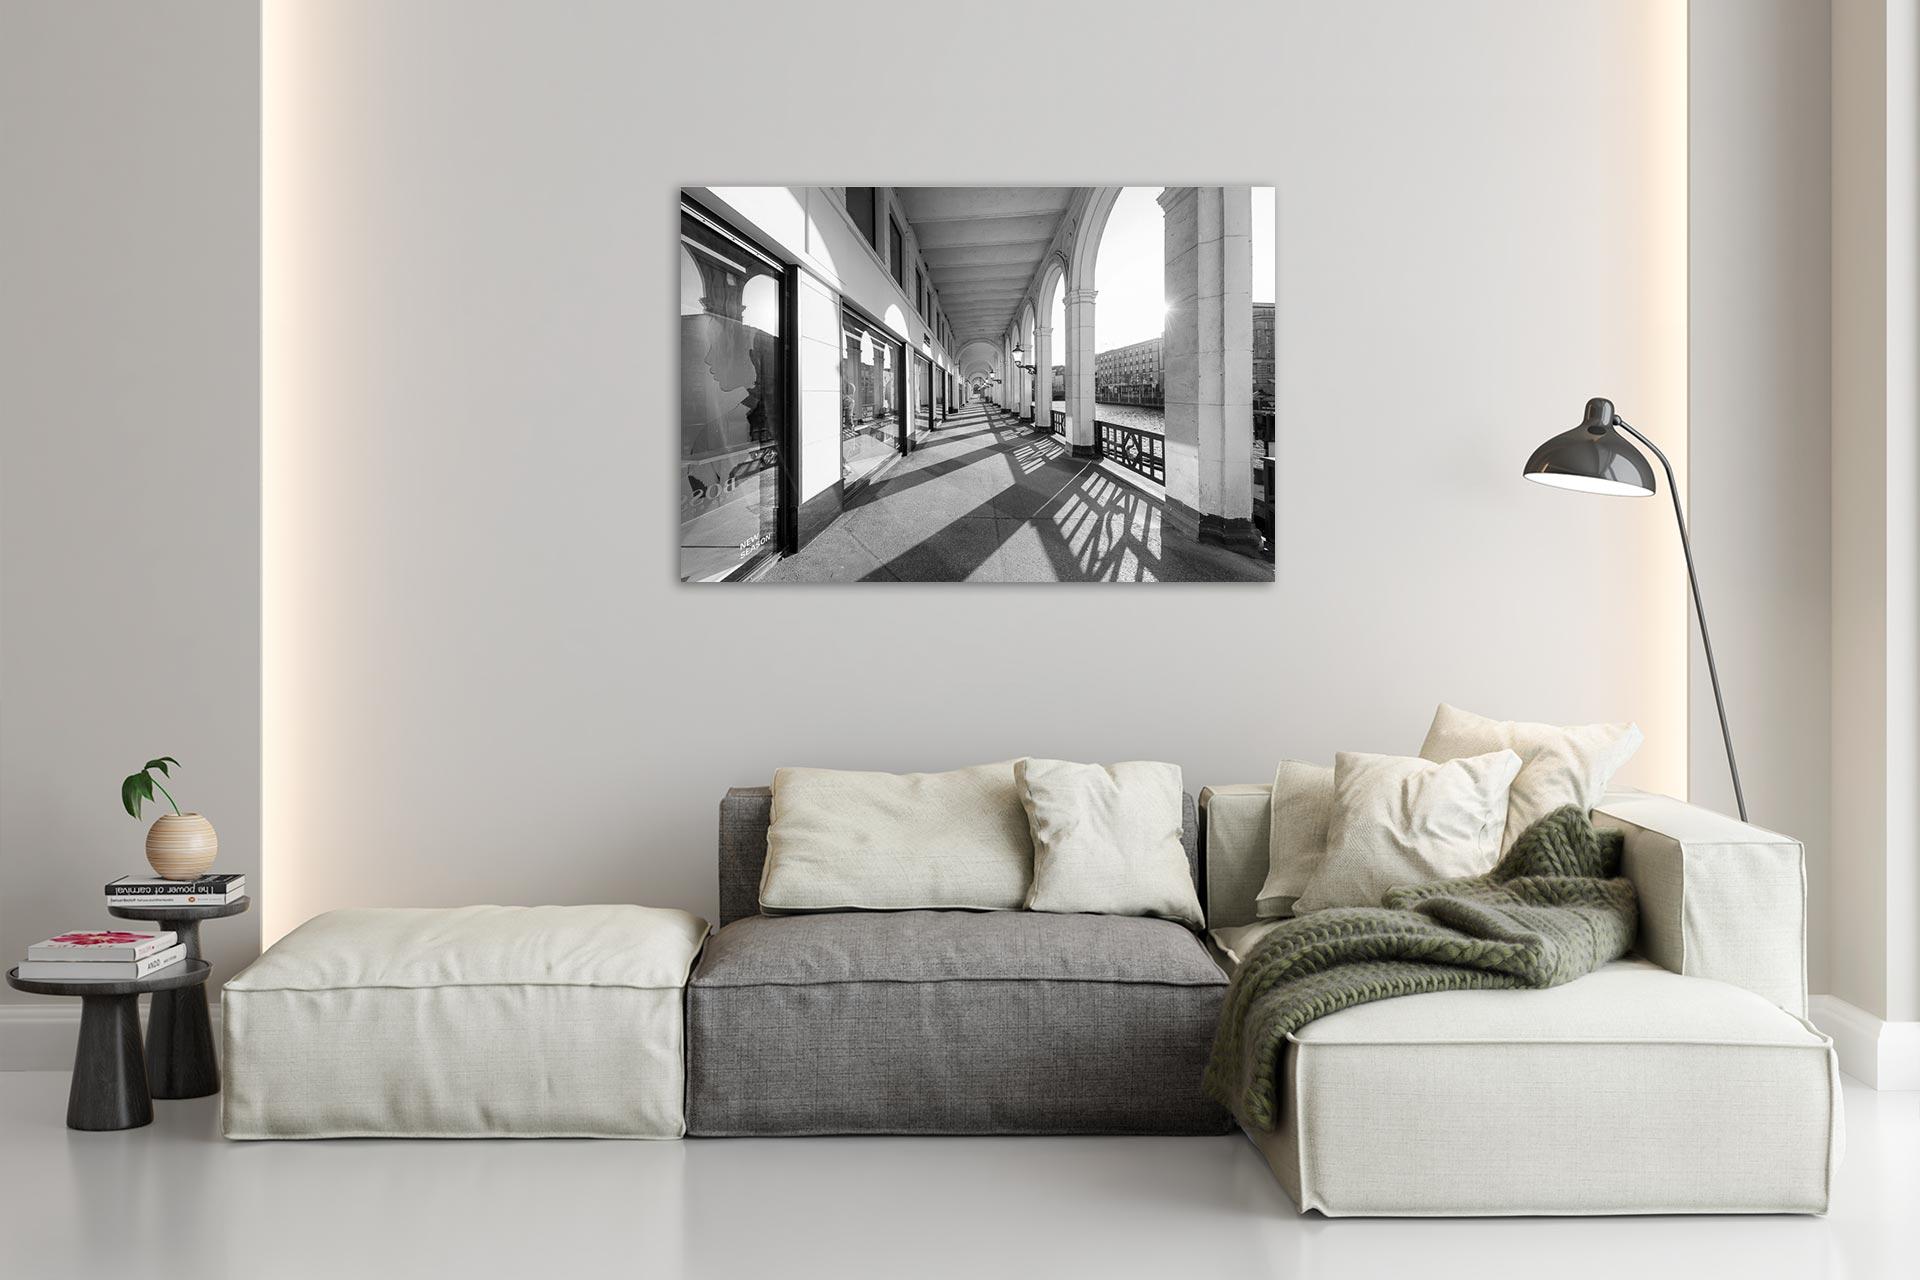 LSW105-alsterarkaden-wandbild-auf-leinwand-acrylglas-aludibond-wohnzimmer